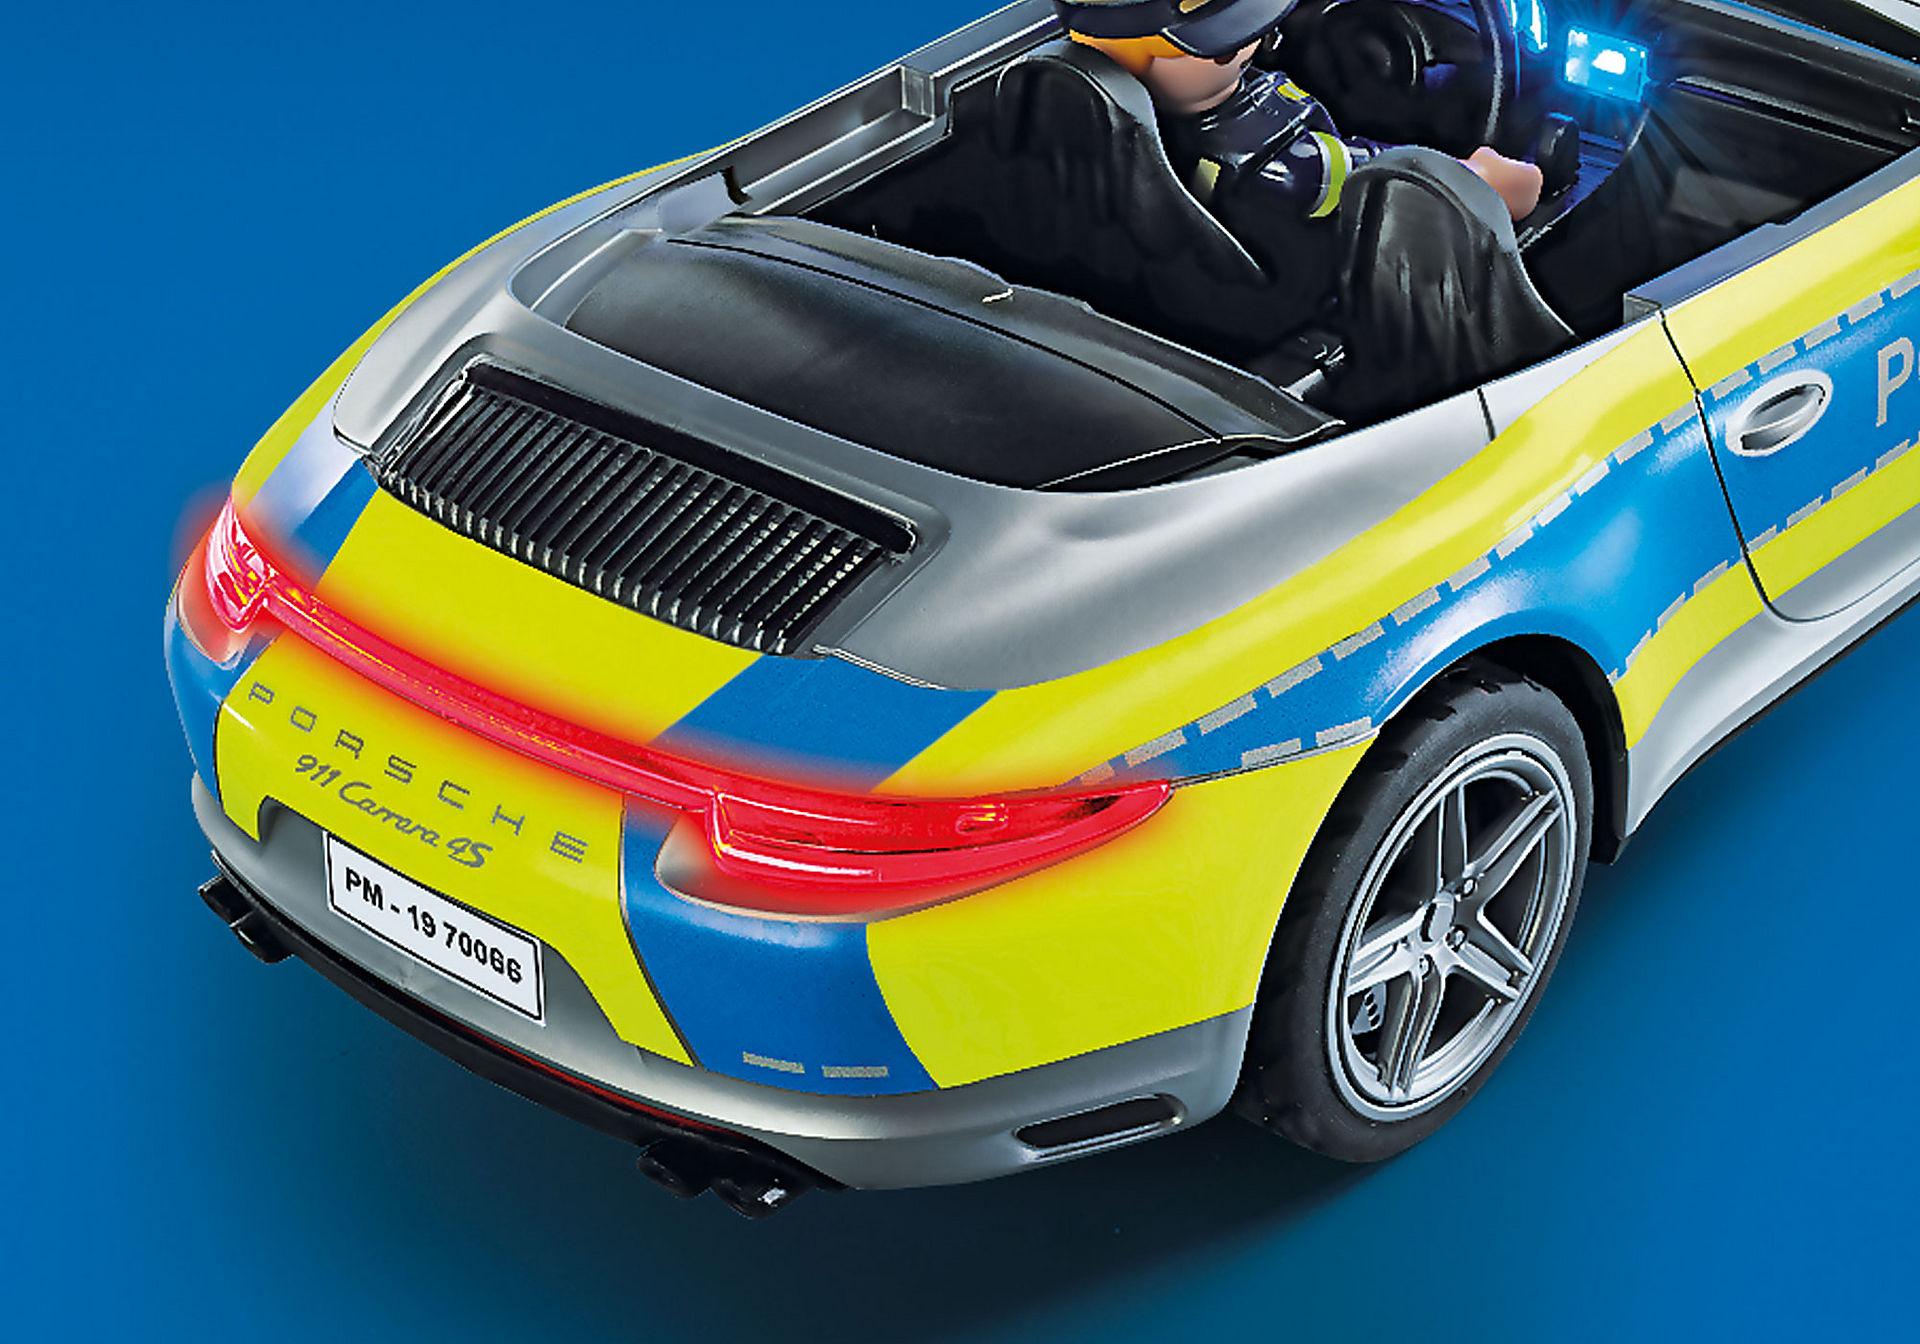 70066 Porsche 911 Carrera 4S da Polícia zoom image7